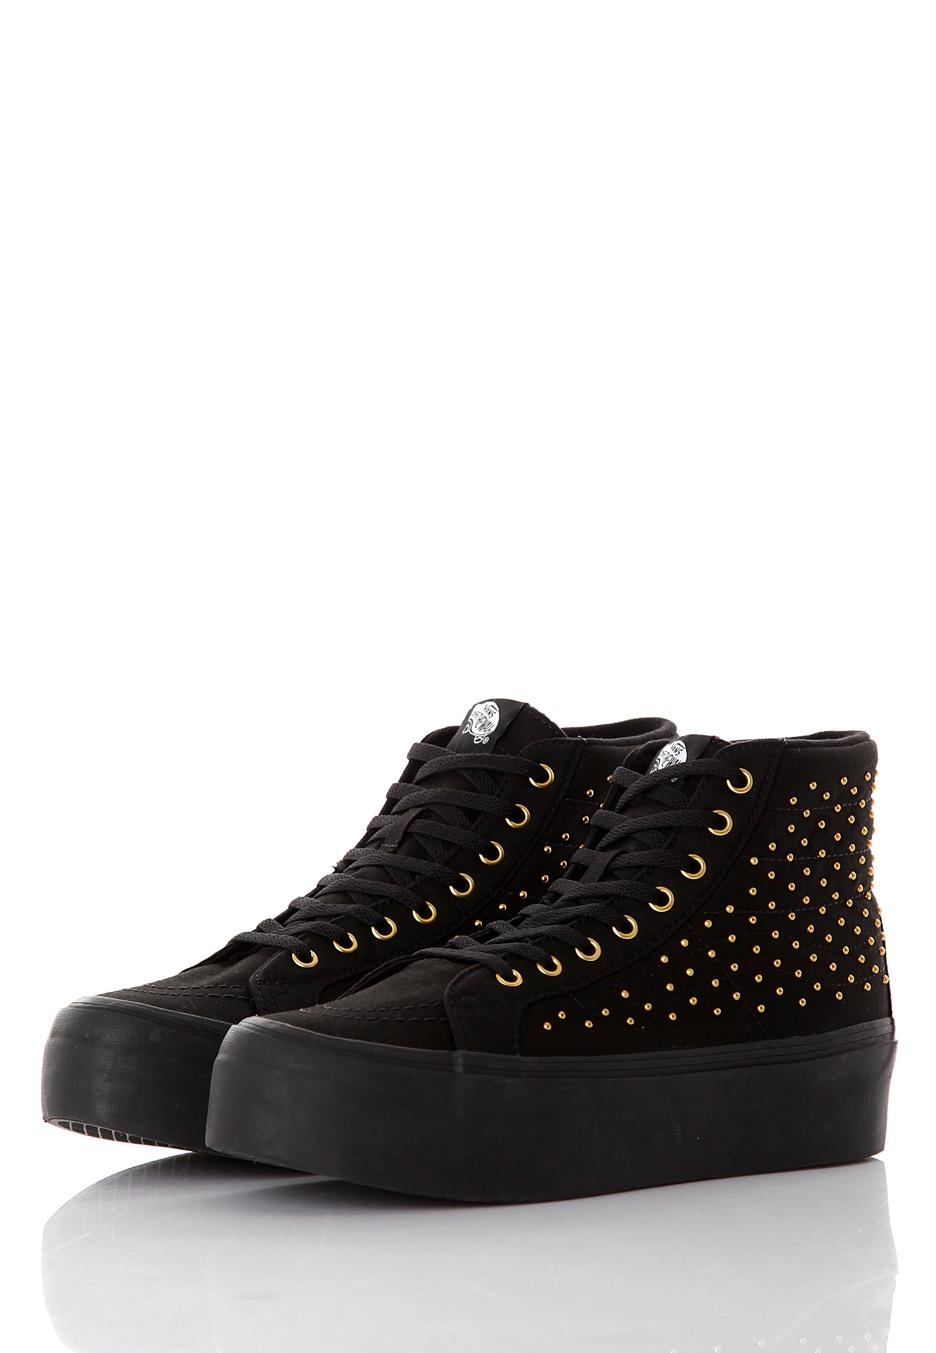 Vans Sk Hi Platform Shoes Black True White